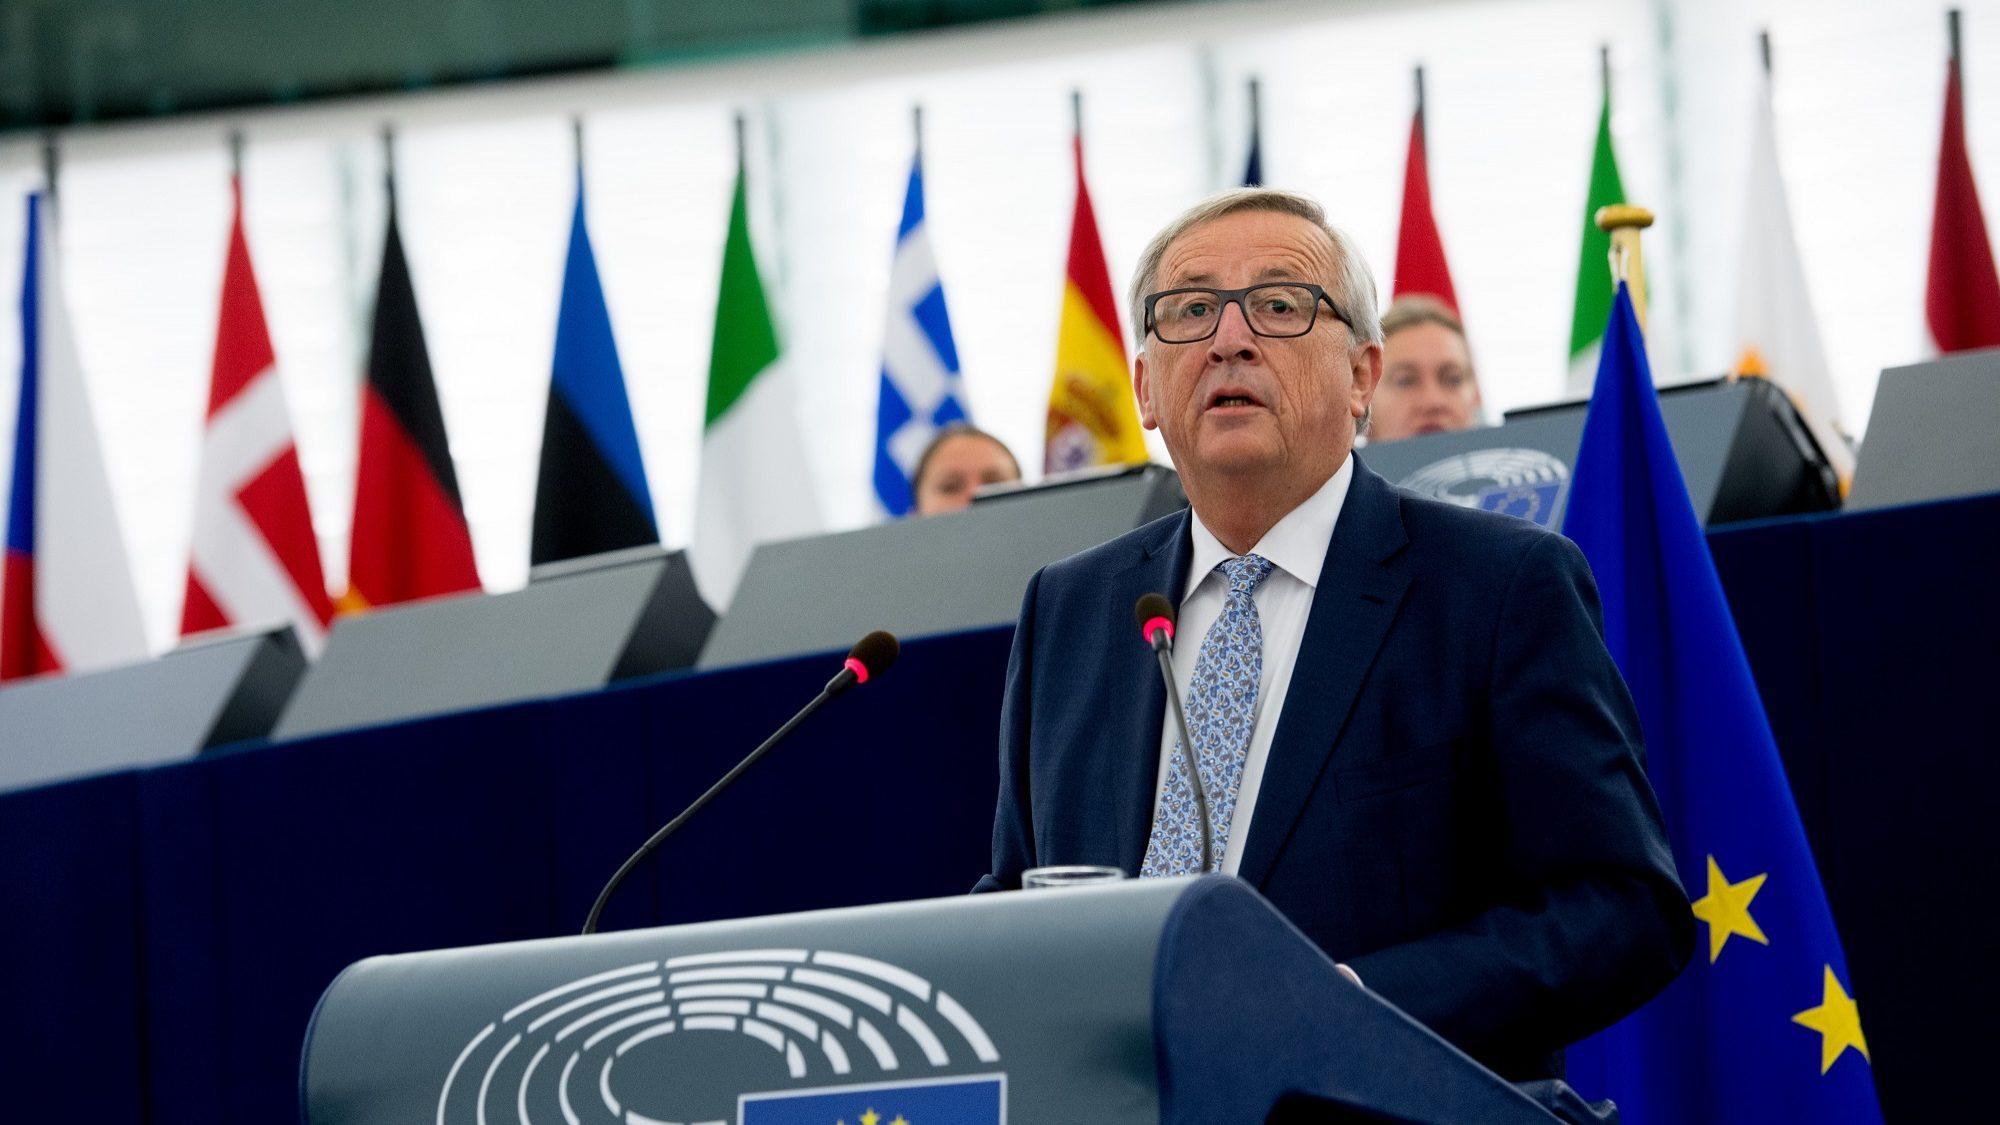 Bruxelas quer desviar fundos para países do sul. Portugal vai ganhar?